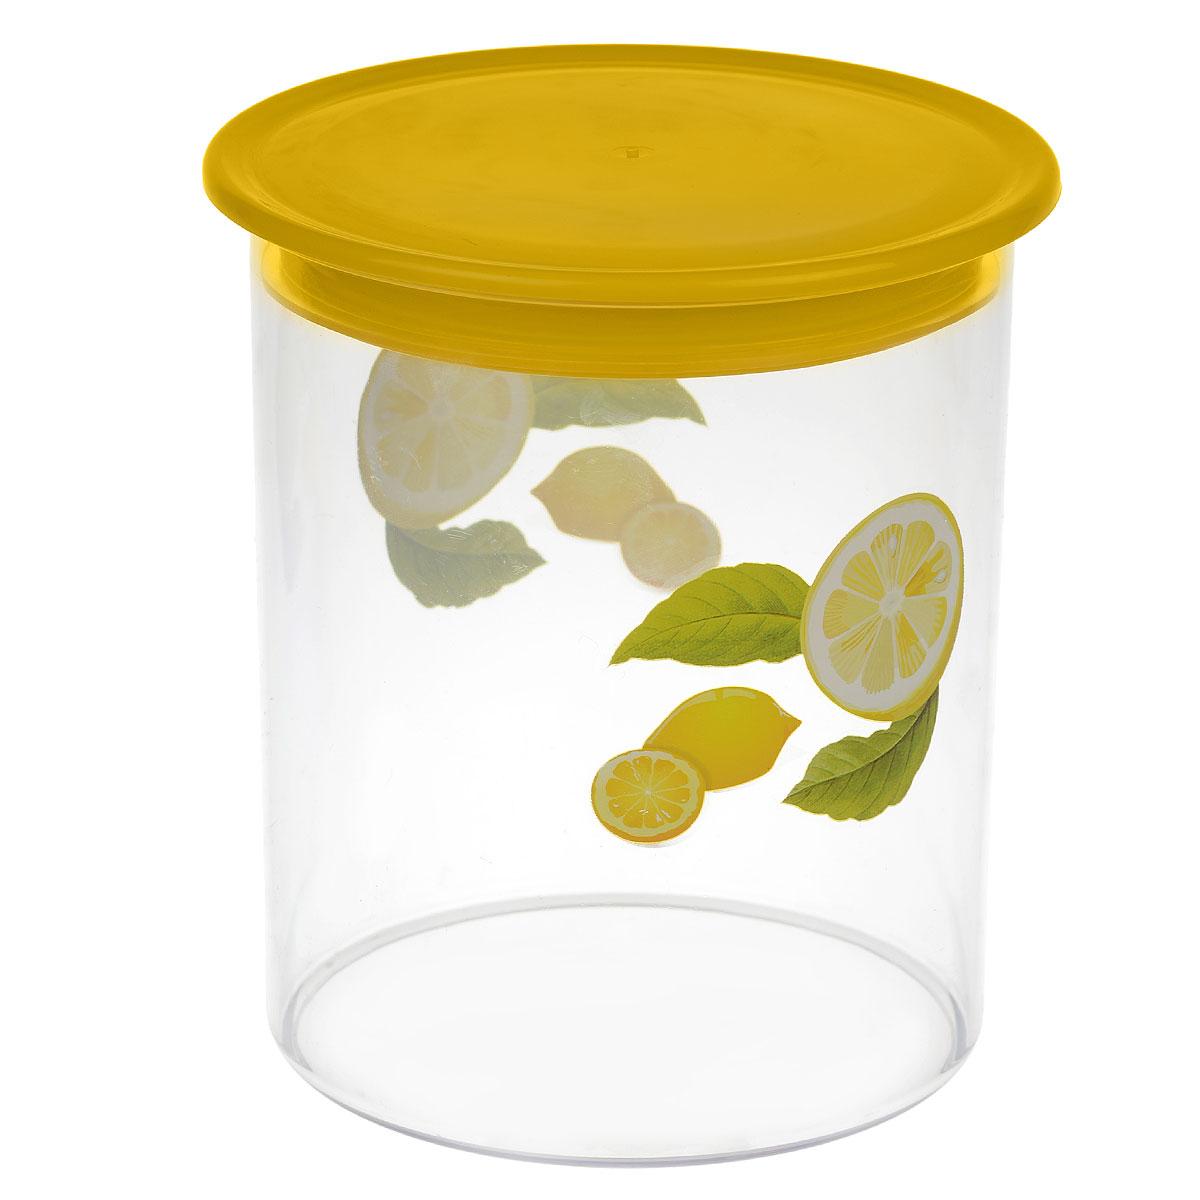 Емкость Альтернатива Экзотика, цвет: желтый, 2,5 лM602Емкость Альтернатива Экзотика предназначена для хранения сыпучих продуктов или жидкостей. Выполнена из высококачественного пластика. Оснащена крышкой.